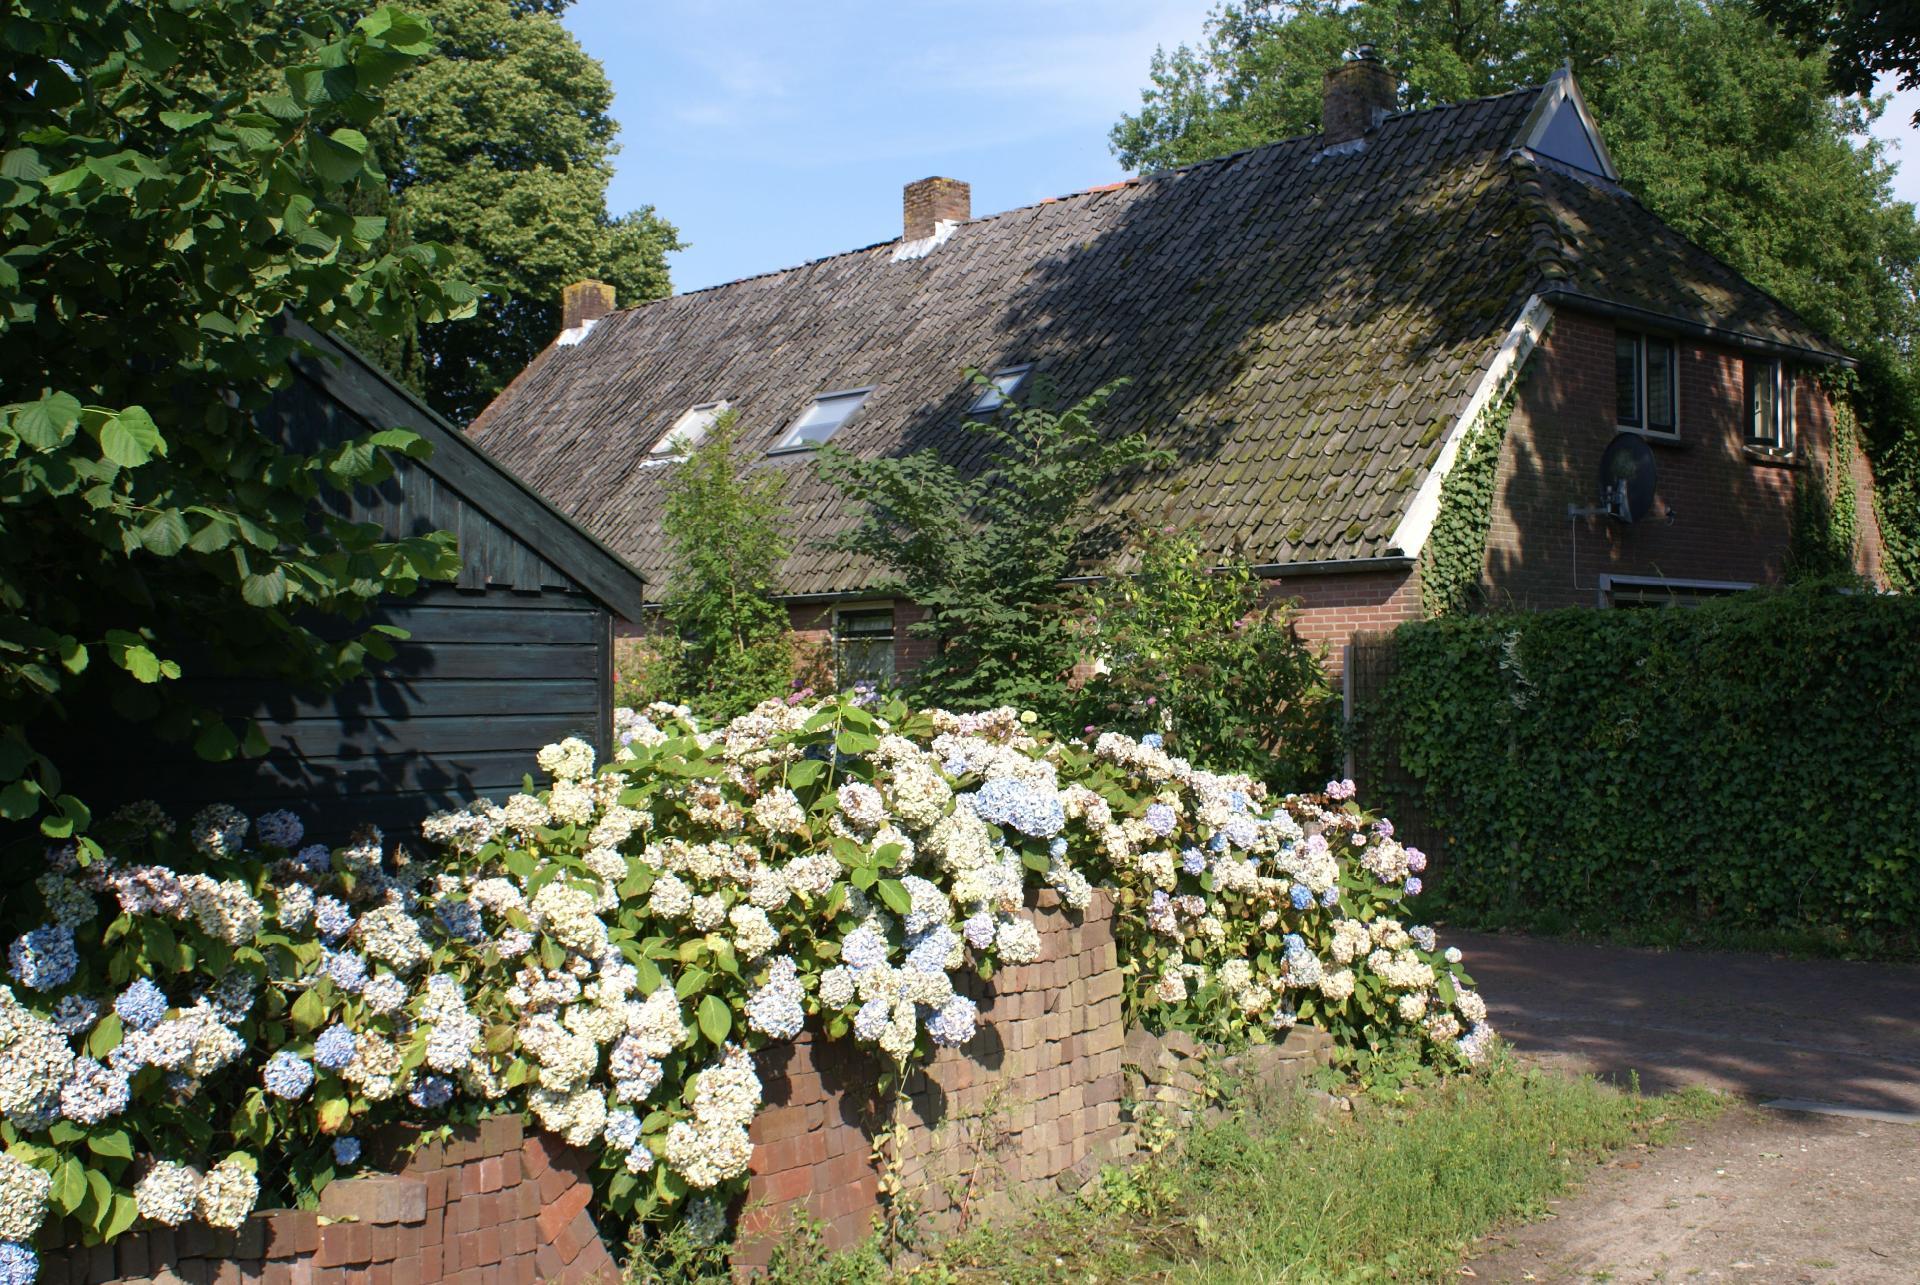 Ferienhaus für 10 Personen ca. 350 m² in  in den Niederlande